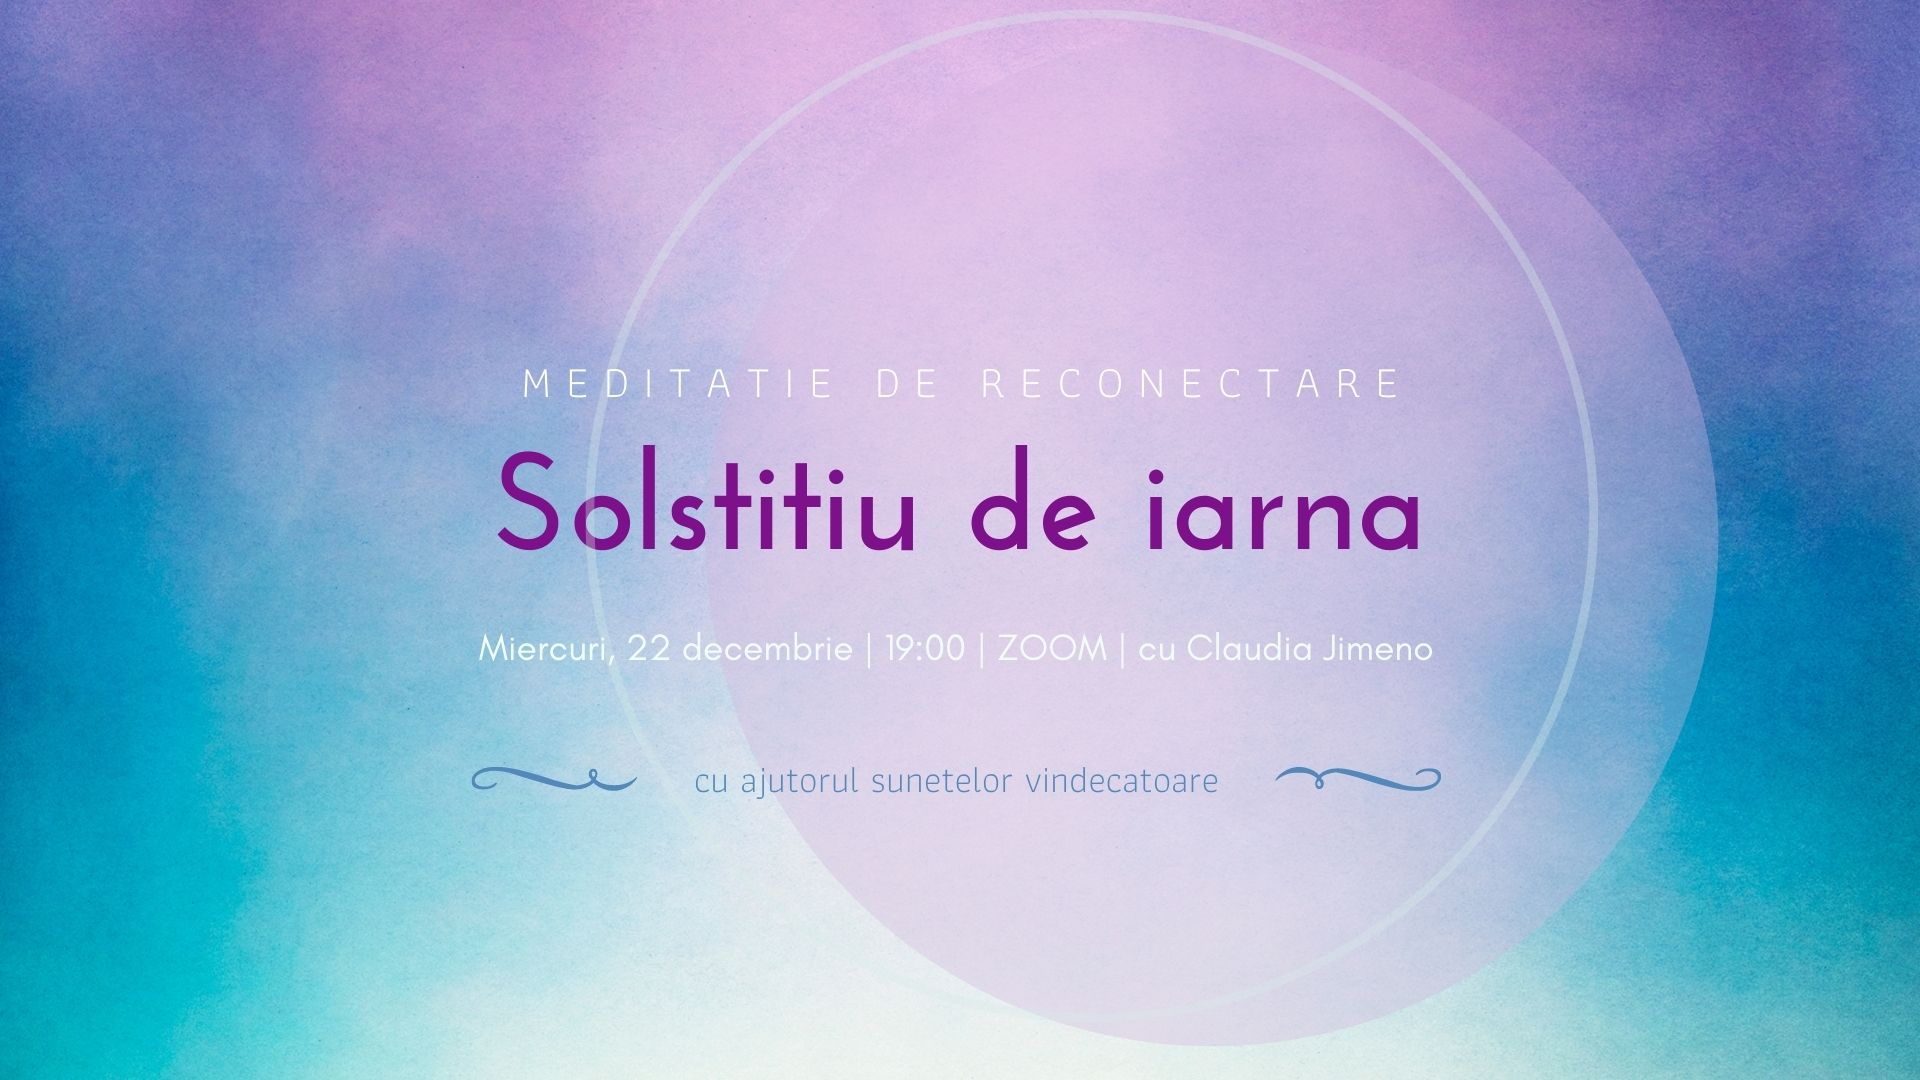 Meditatie de conectare cu solstitiul de iarna